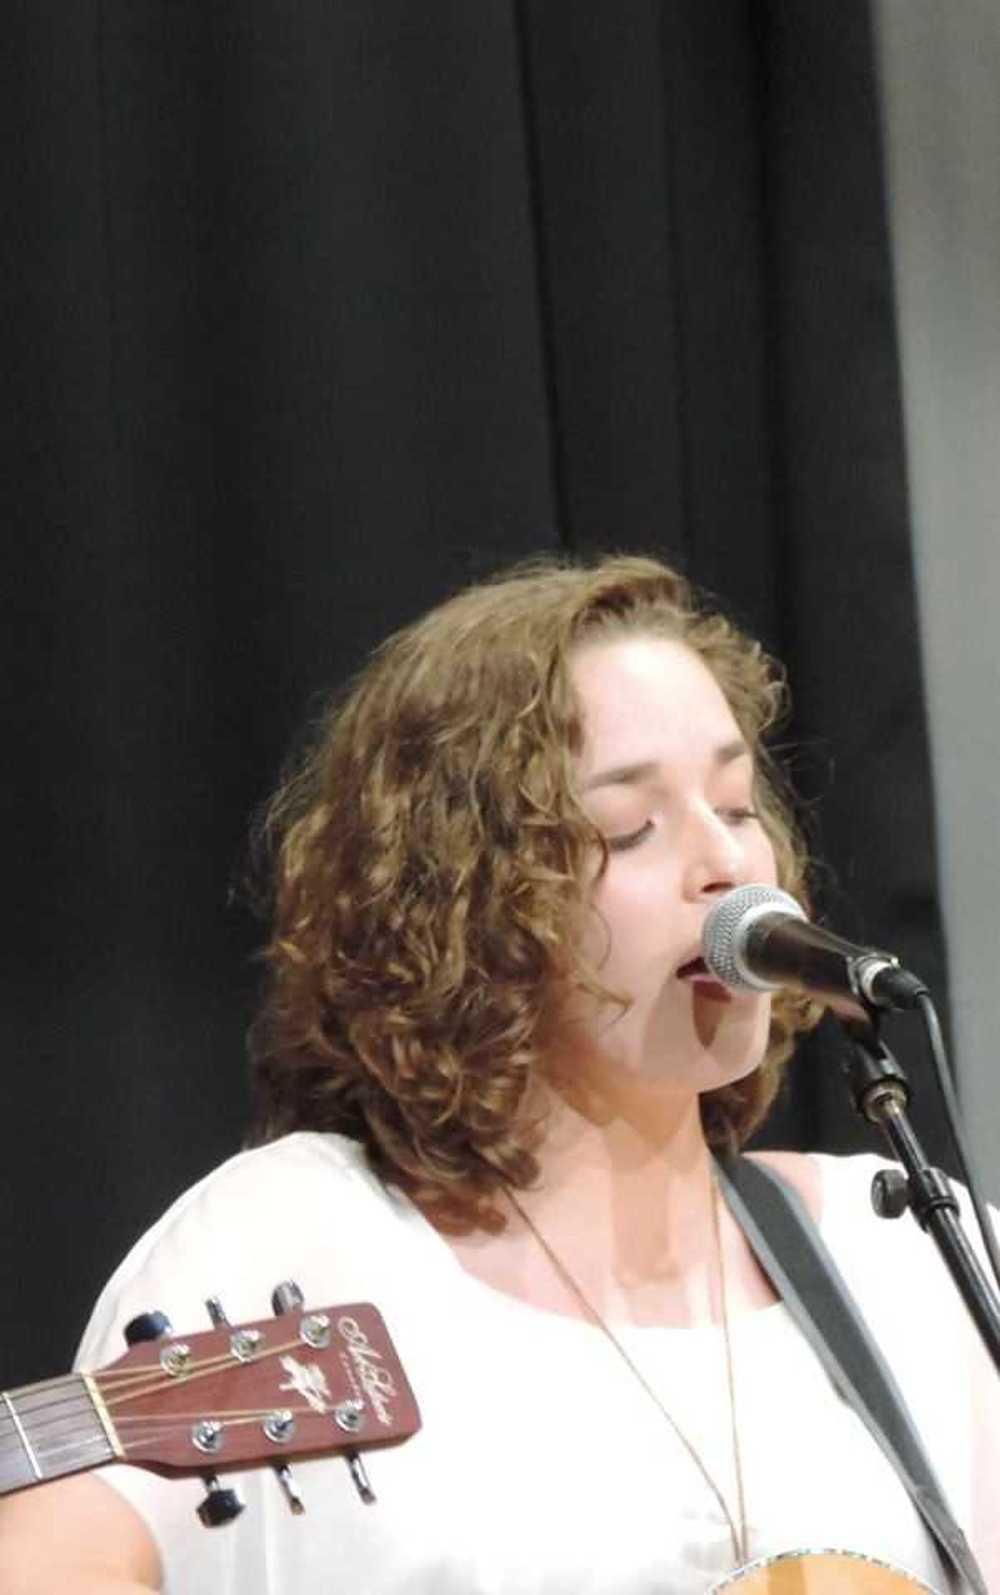 Ecole de Guitare - Concert - 29 juin 2017 - Salle des fêtes 19511262561420387579153558636250941330186n